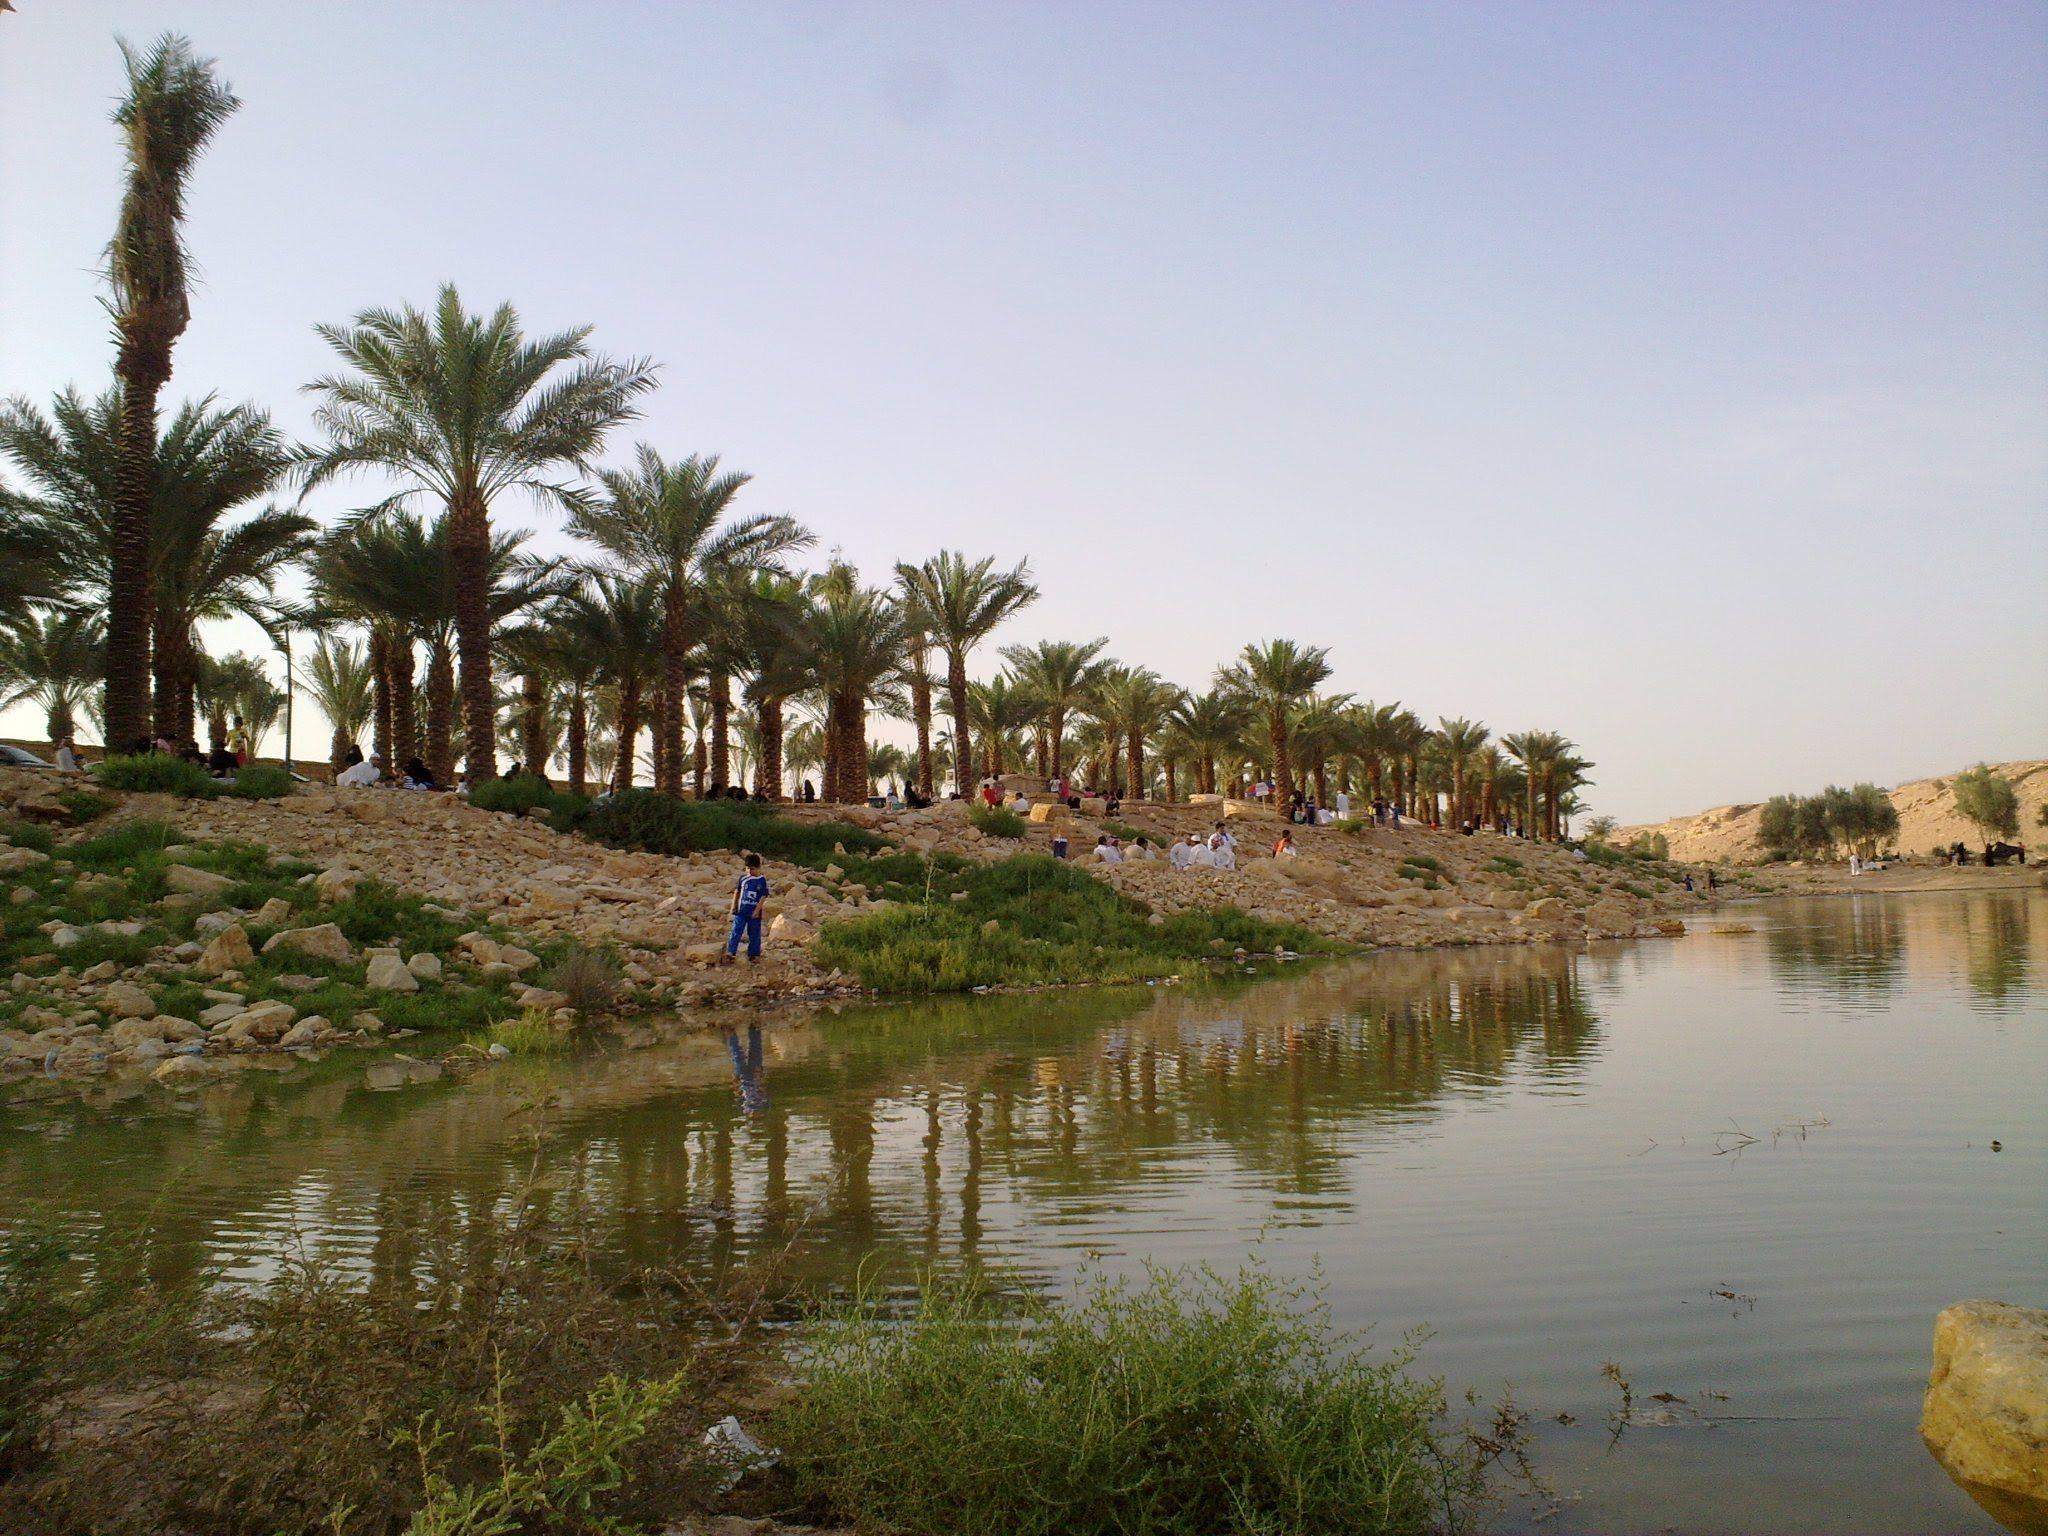 أفضل أنشطة في وادي حنيفة في الرياض